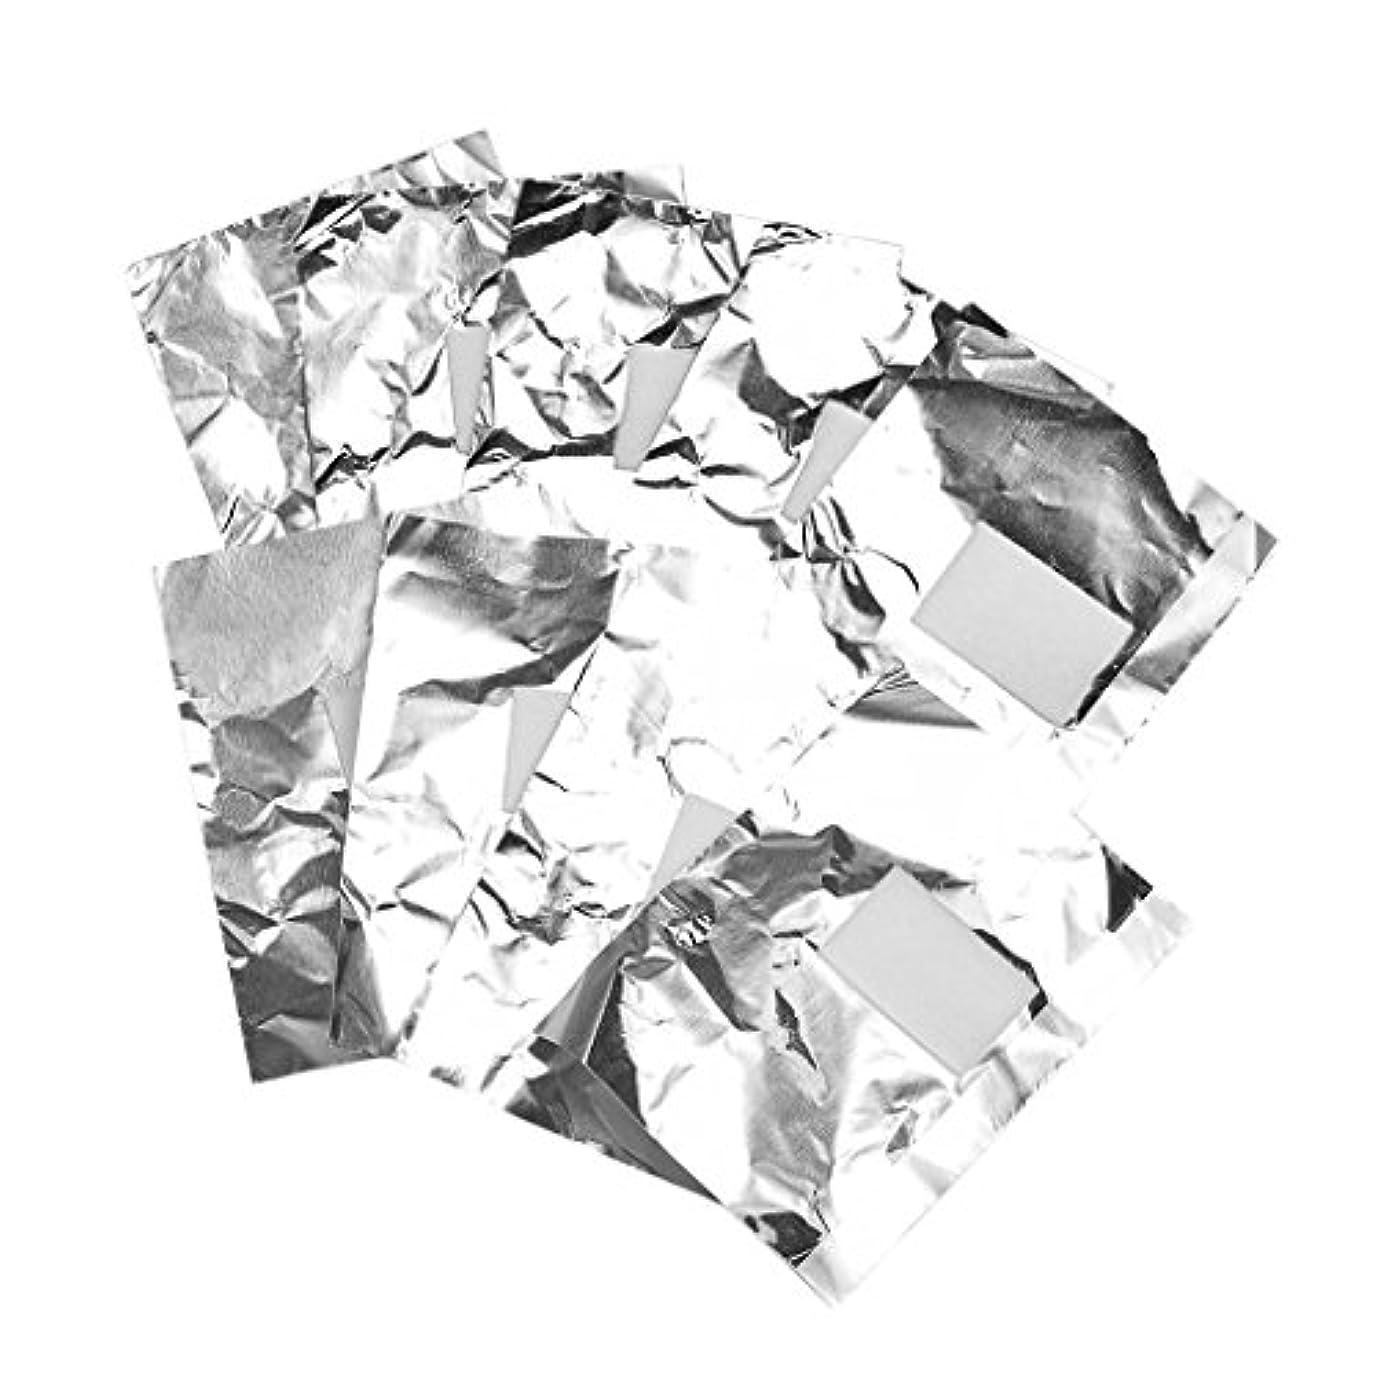 吸収流すめるSONONIA 約100枚 ネイルアート ジェル除却 ドリムーバーパッド ネイル美容工具 環境にやさしい クリーナーツール